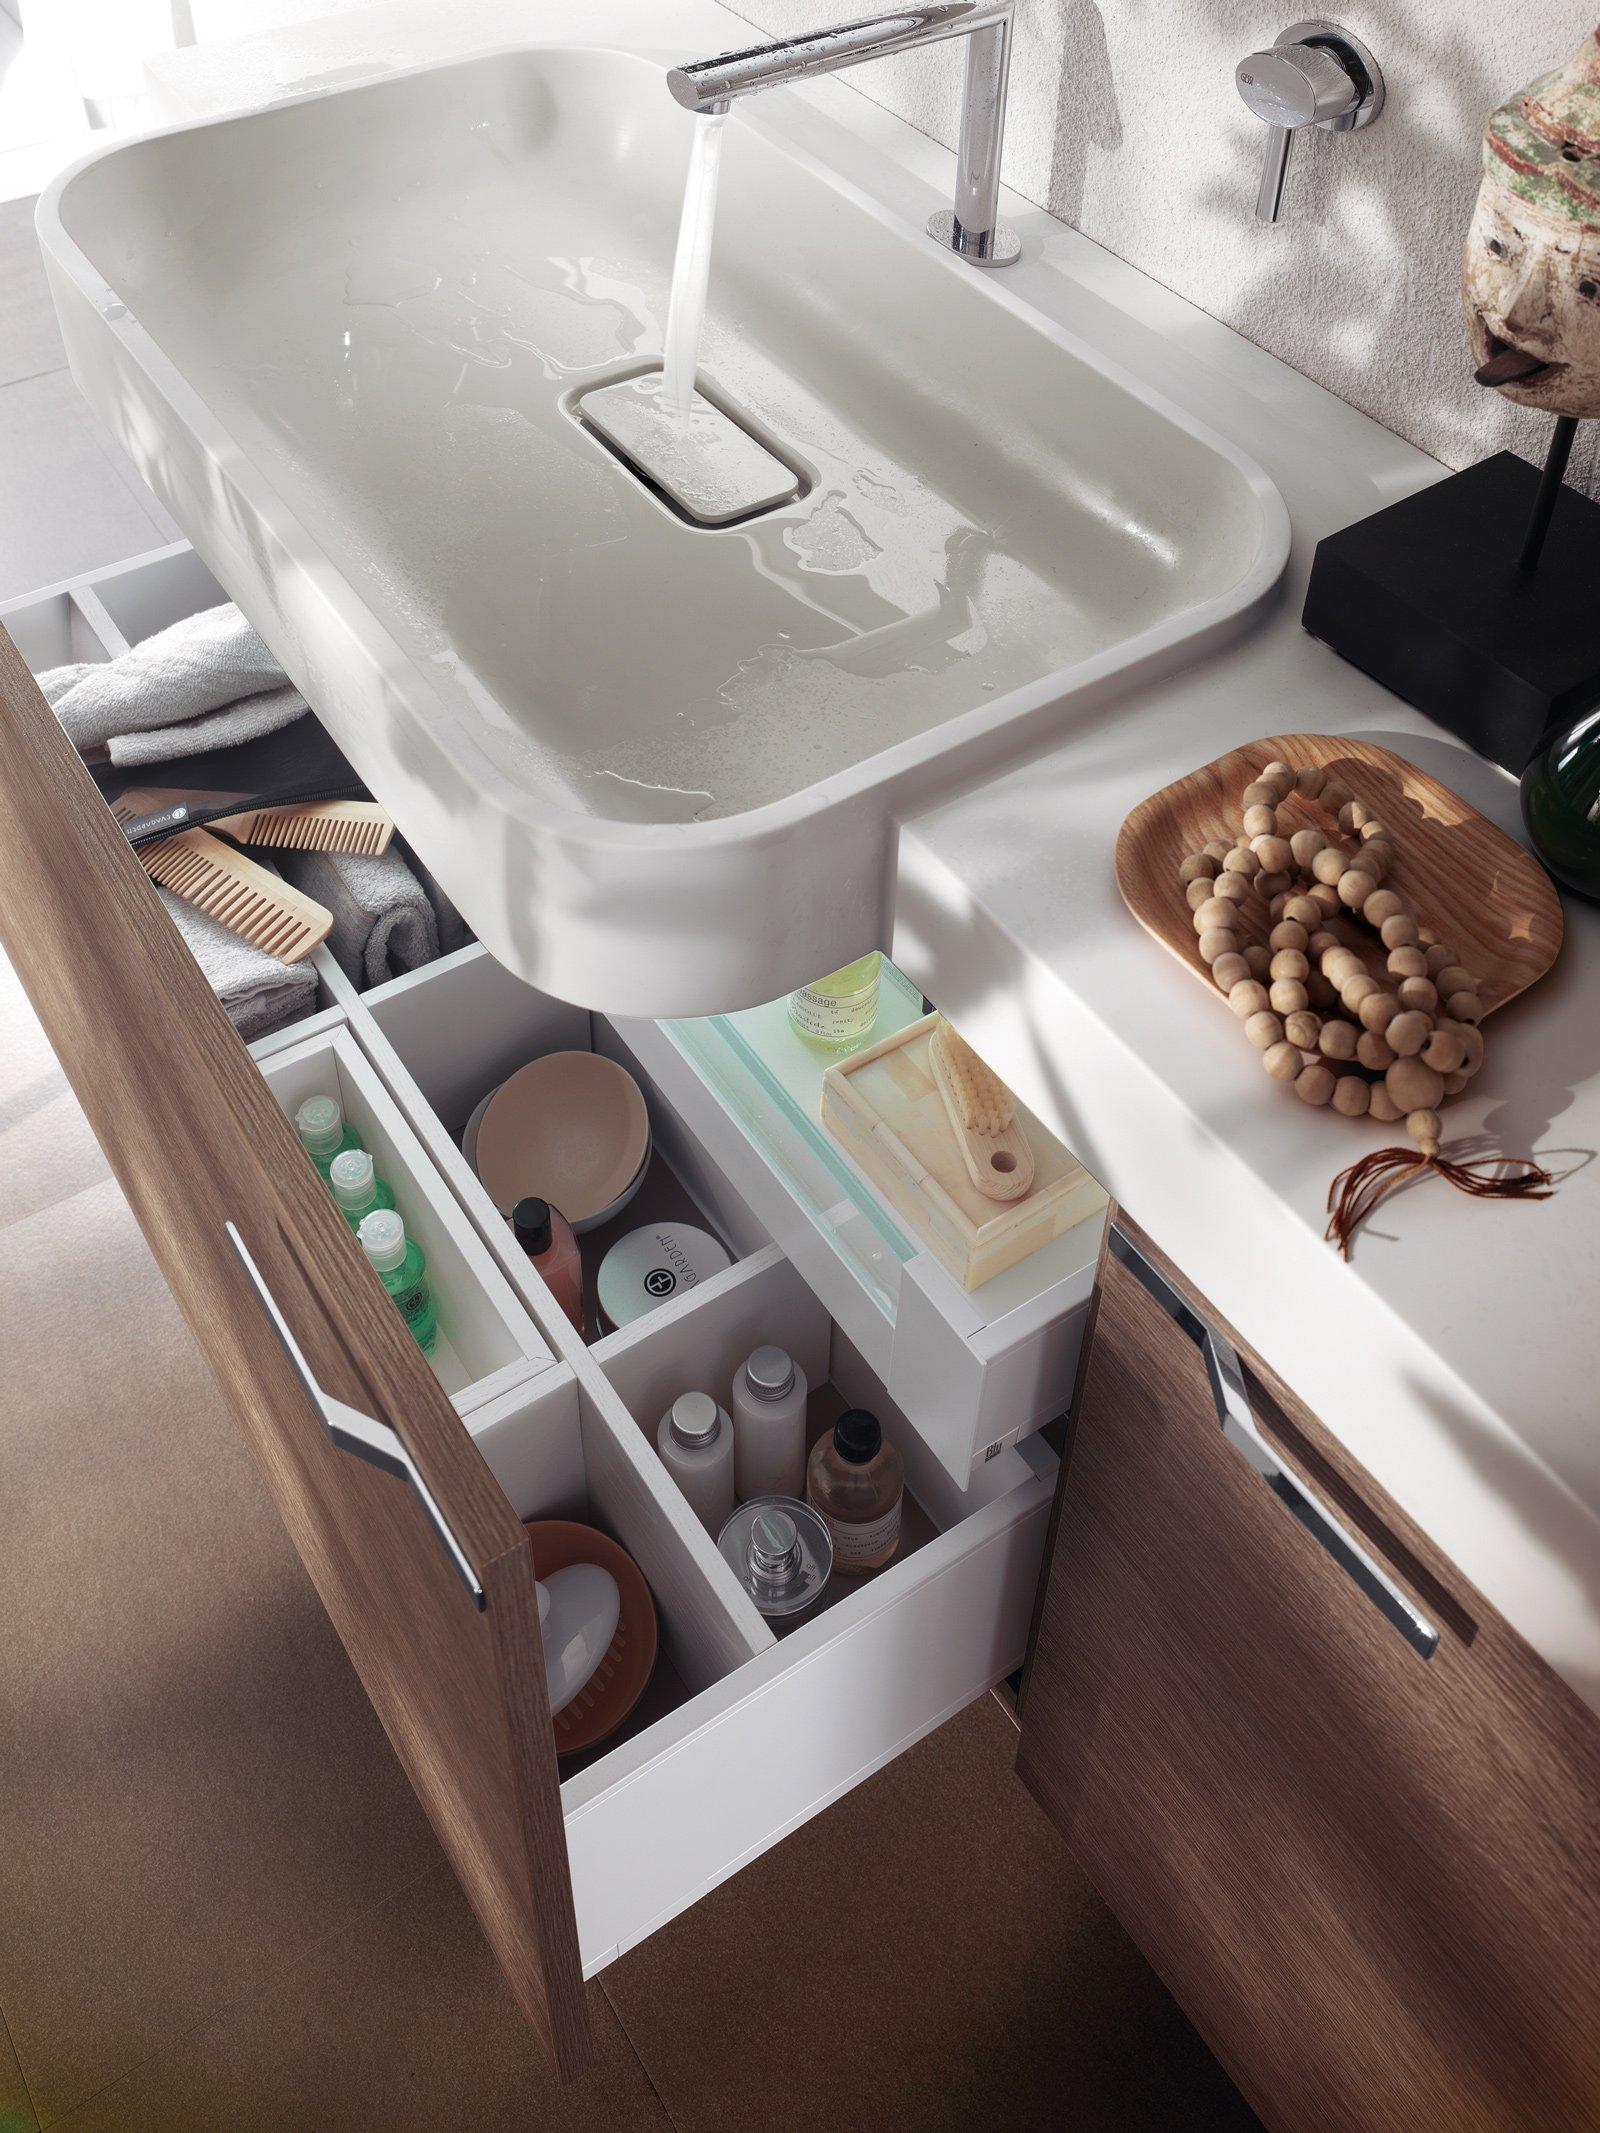 Mobili bagno con cassetti tutto in ordine sotto il lavabo cose di casa - Come fare bombe da bagno ...